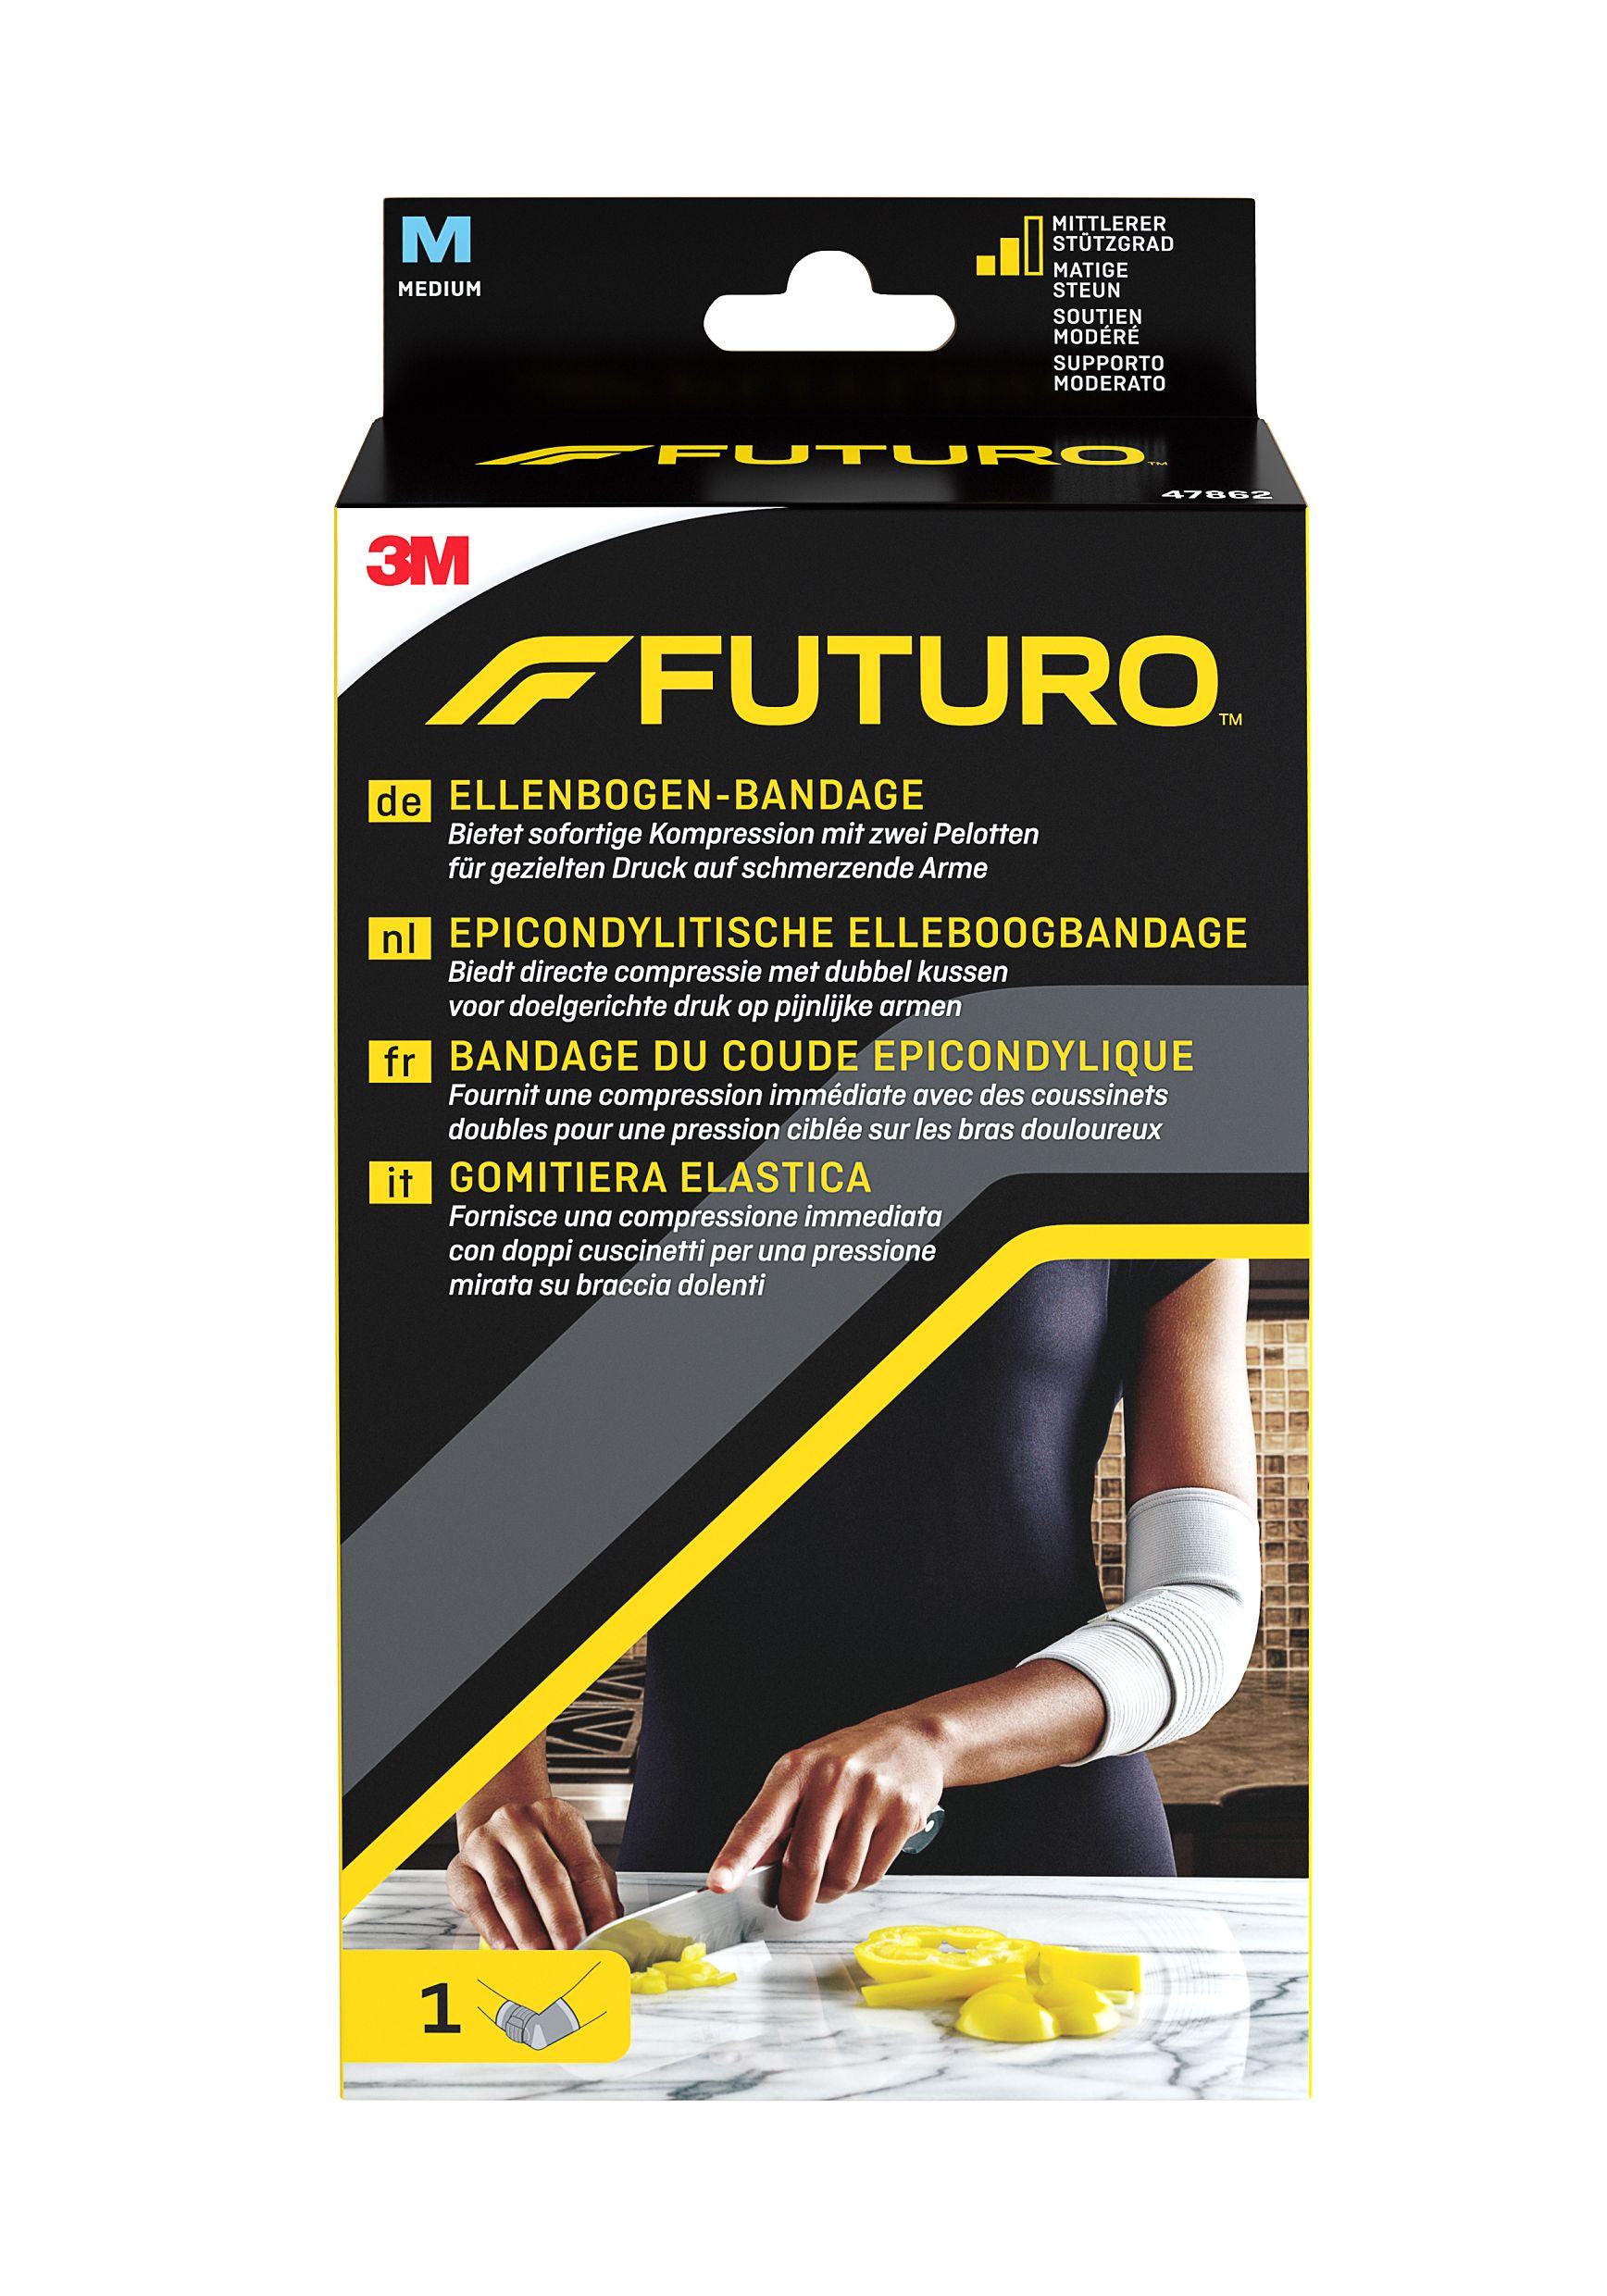 FUTURO™ Ellenbogen-Bandage